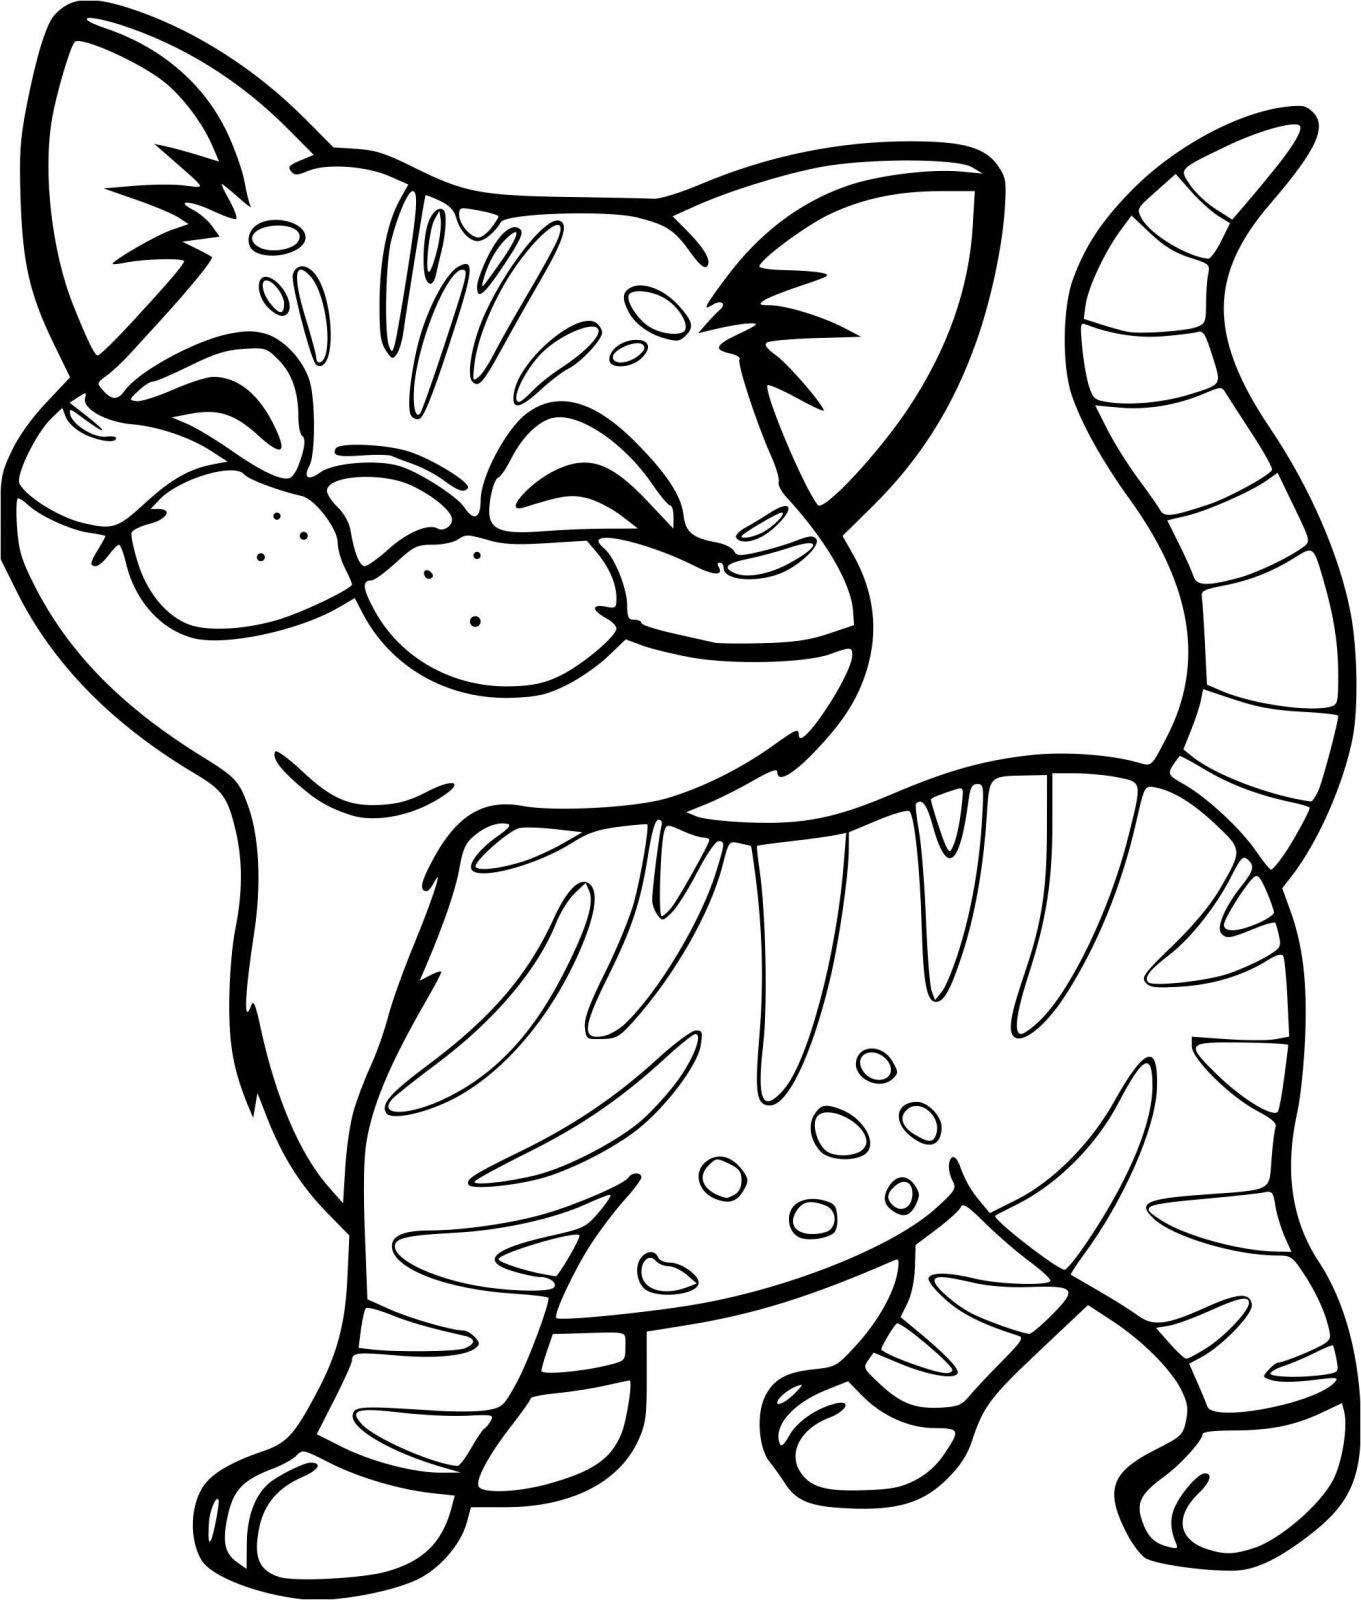 Coloriage Animaux Gratuit En Ligne | Coloriages À Imprimer tout Dessin Animaux De La Ferme À Imprimer